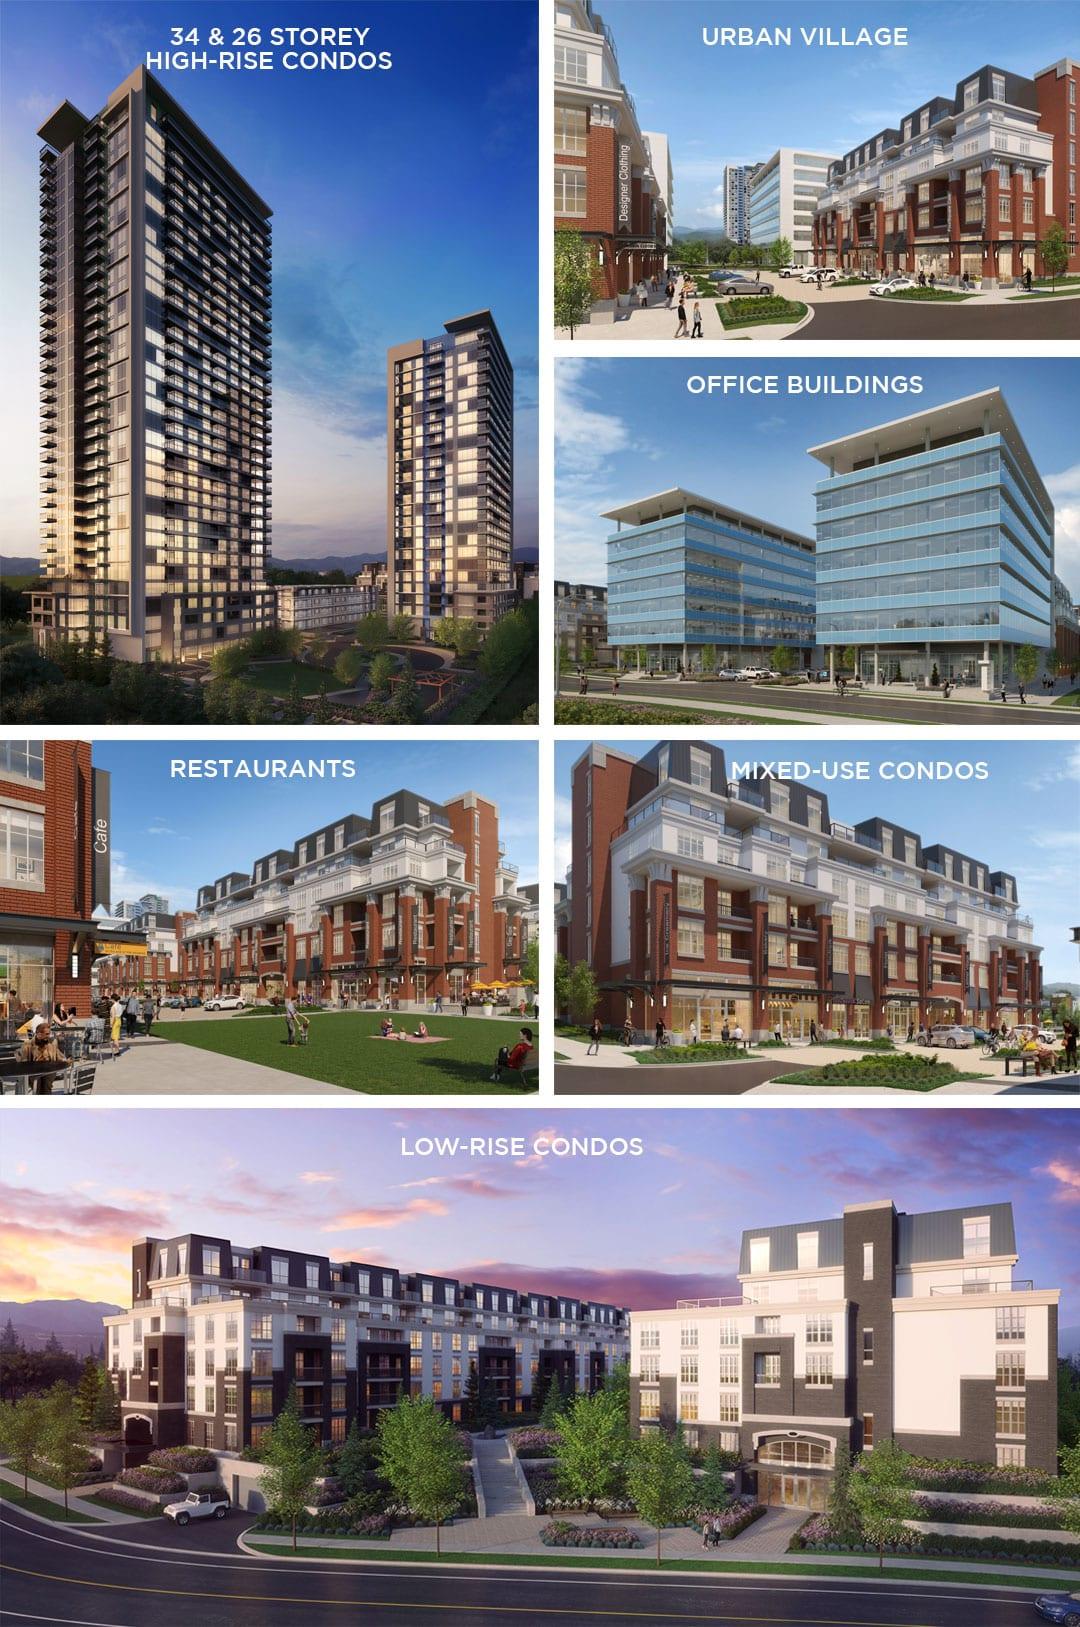 urban_village_collage